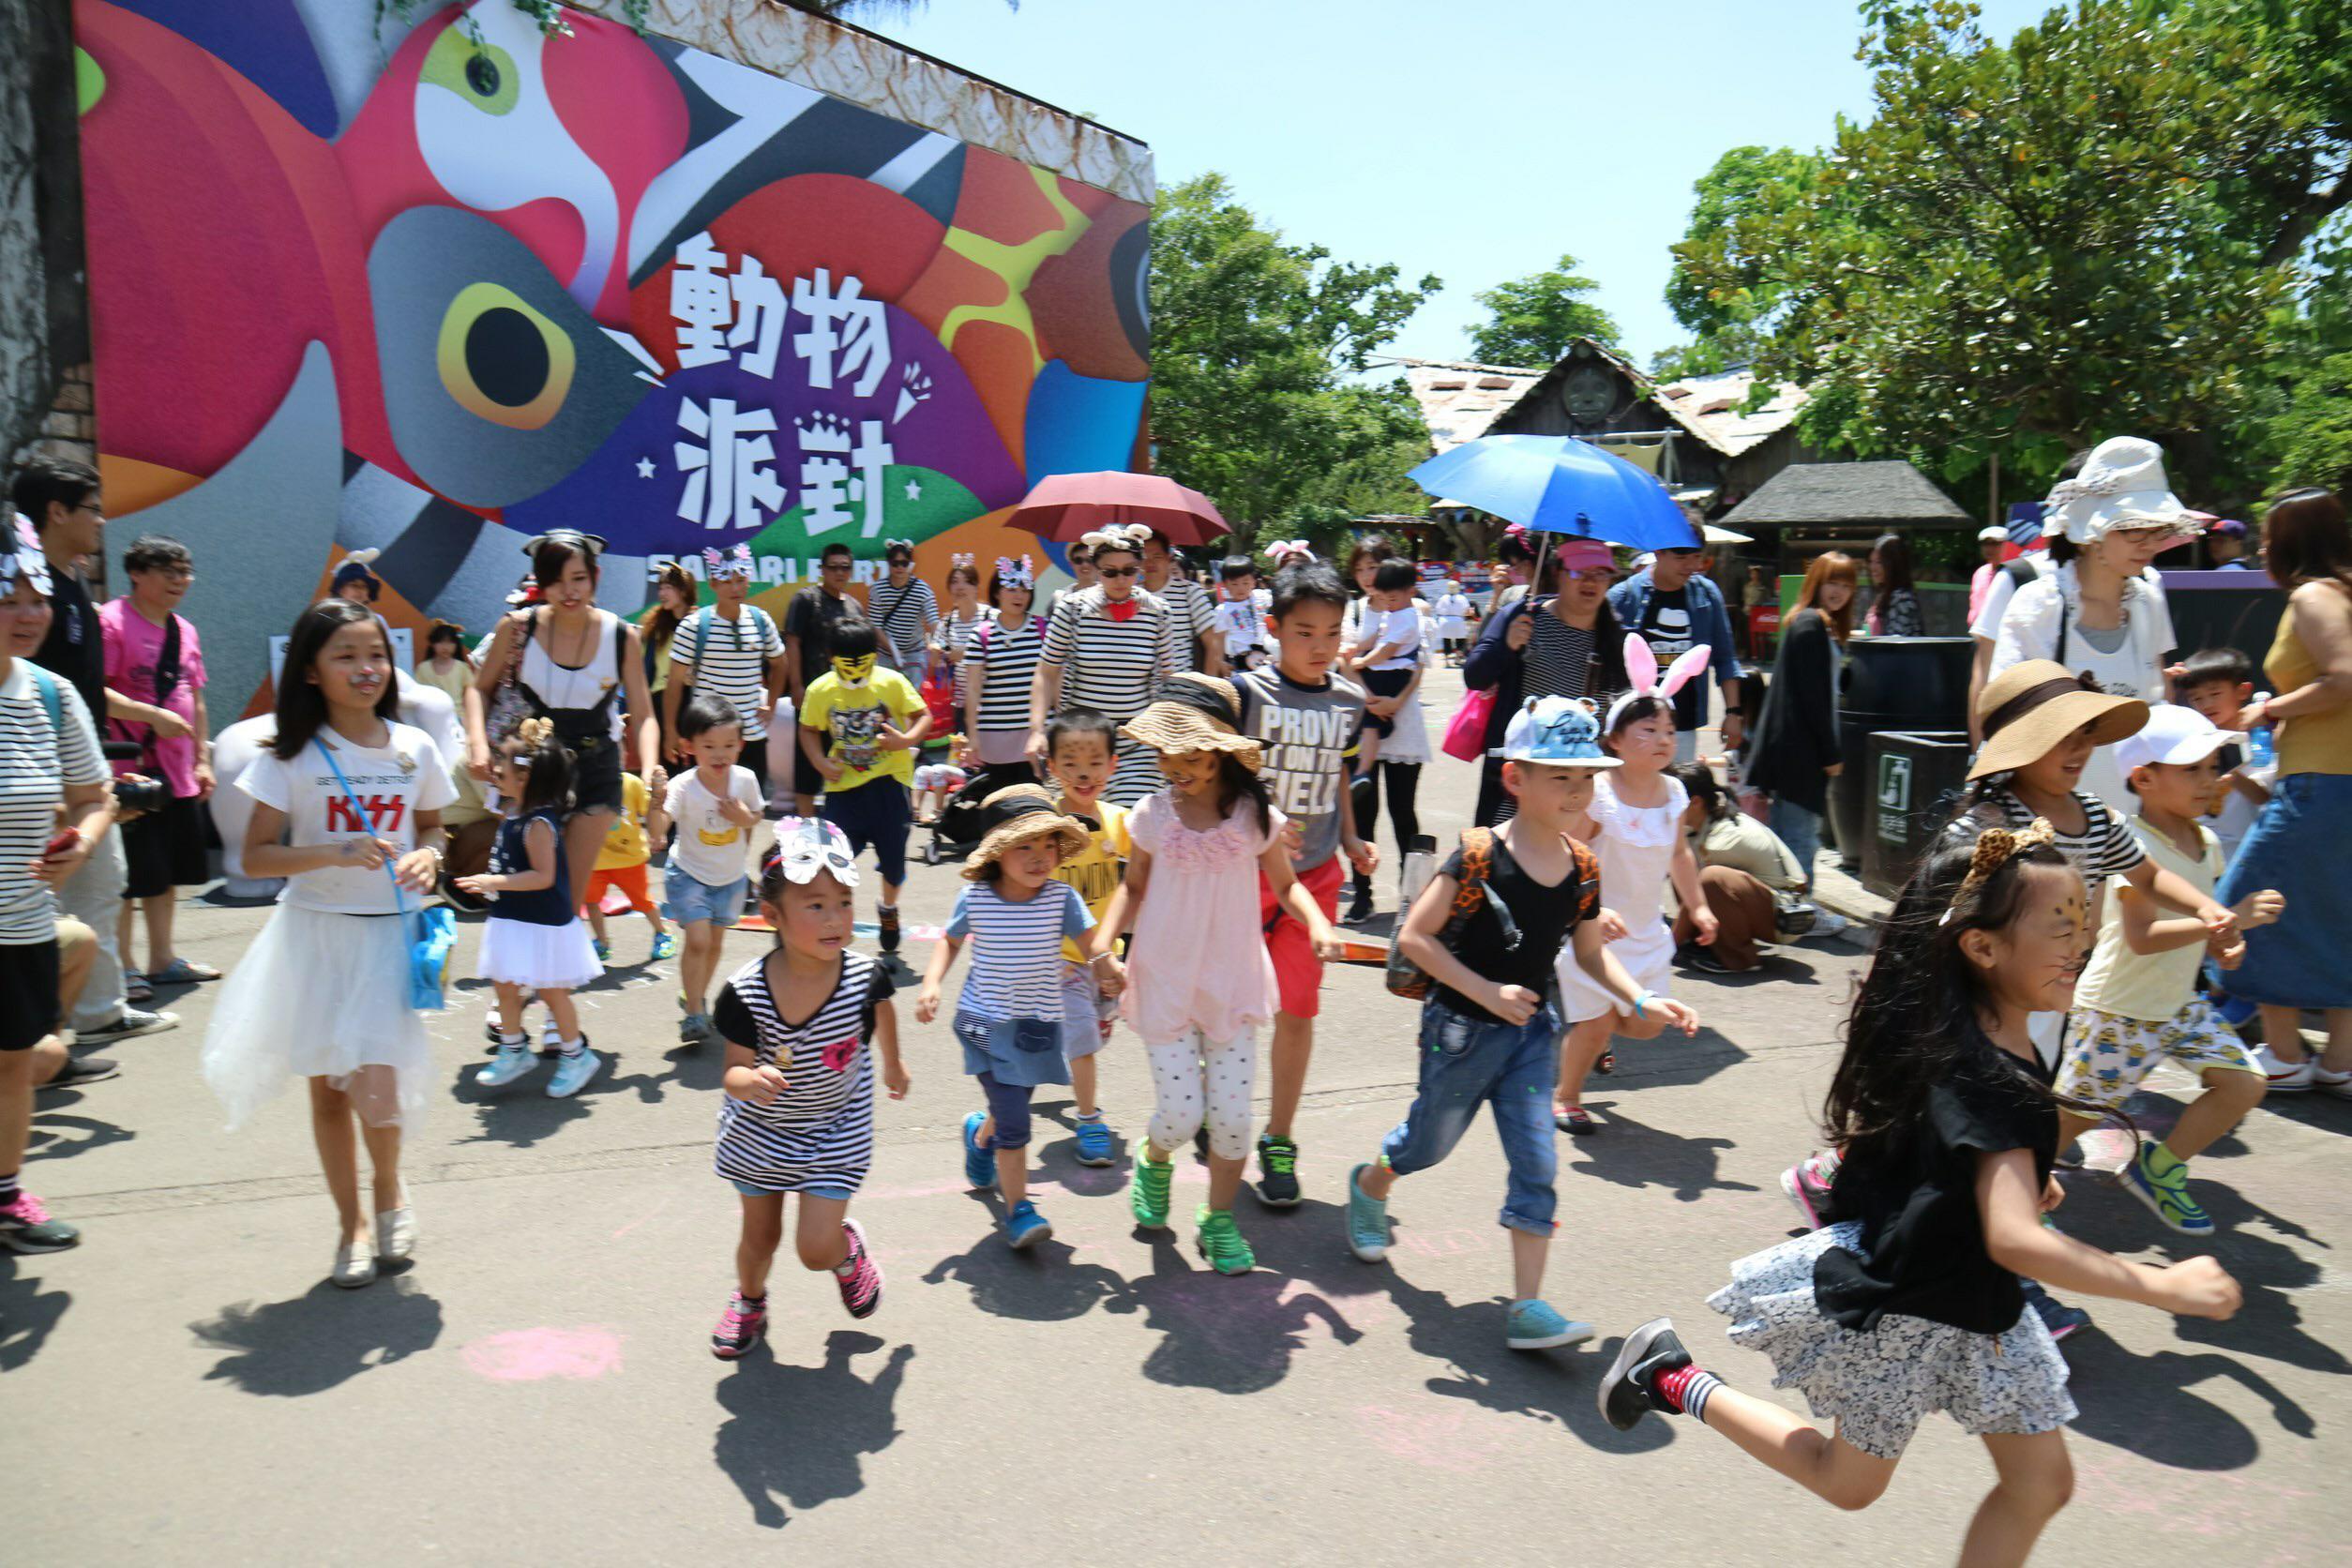 六福村樂園主題日萌獸大集合 化身動物拍照打卡瘋狂玩樂_奶茶